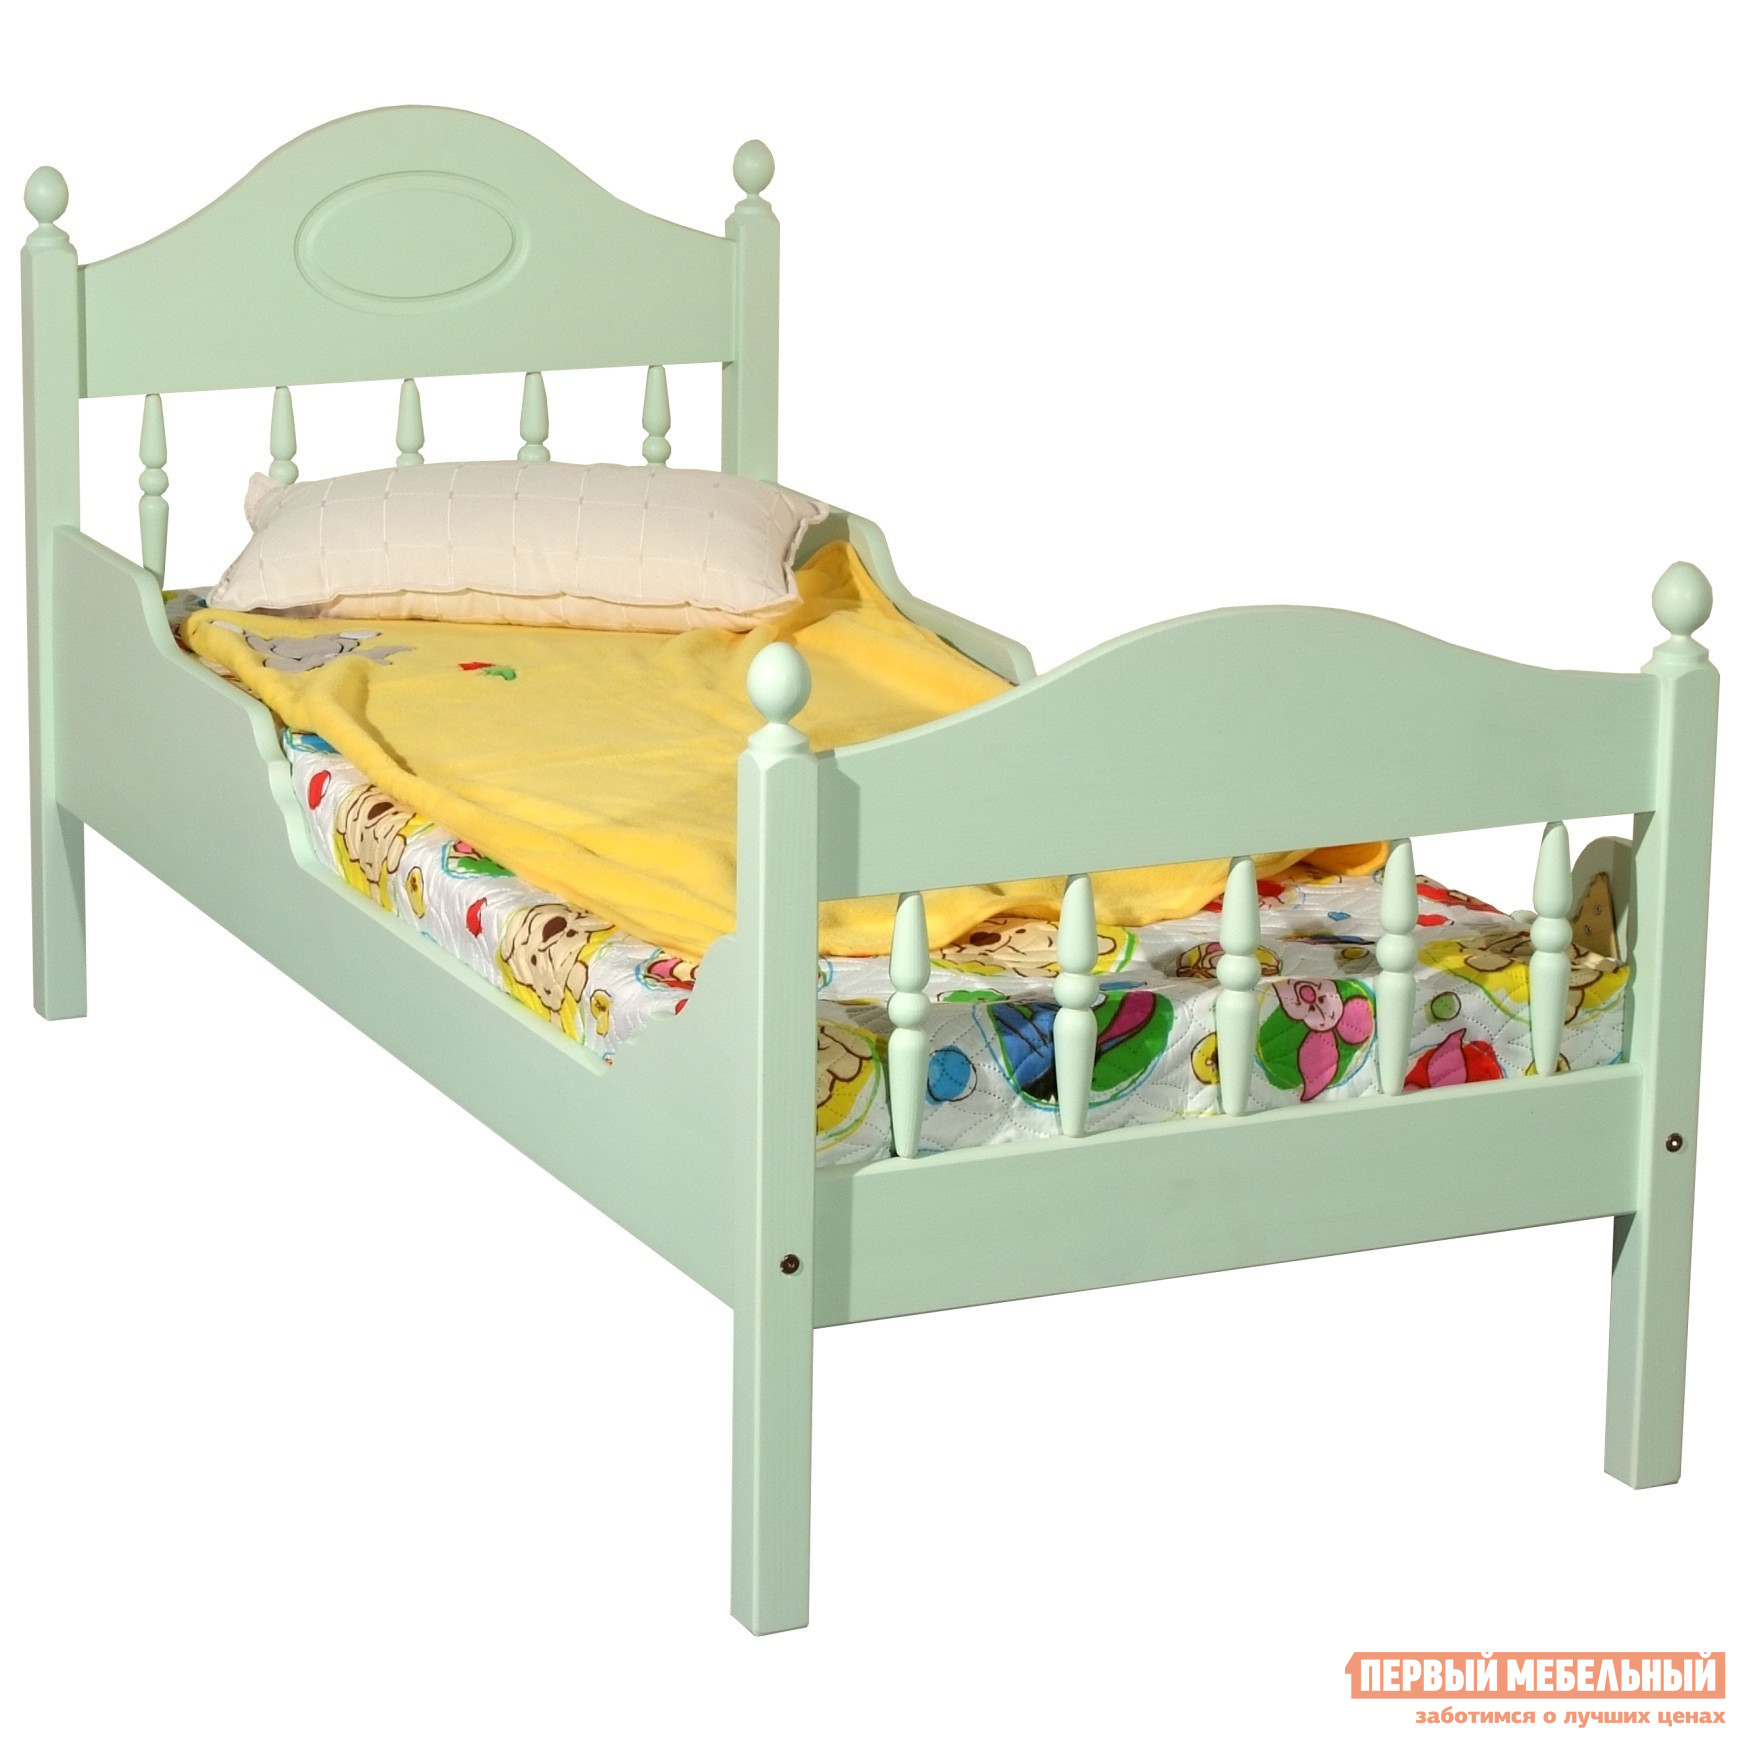 Детская кровать Timberica Кровать Фрея-2 детская Спальное место 900 Х 2000 мм, Эмаль салатовая, Без матрасаДетские кровати<br>Габаритные размеры ВхШхГ 870x2090x760 мм. Это красивая и удобная детская кроватка.  Важным параметром любой детской комнаты является экологичность.  Данная модель изготовлена из экологически чистой карельской сосны, которая благодаря своим природным свойствам не нуждается в дополнительной химической обработке.  Эта кровать прекрасно подойдёт детям практически любого возраста. Кровать представлена в нескольких размерах, перед оформлением заказа выберите наиболее подходящий вариант исполнения. Обратите внимание! Необходимо выбрать комплектацию: с матрасом или без.  С матрасом, поставляемым в комплекте вы можете ознакомиться во вкладке «Аксессуары».<br><br>Цвет: Зеленый<br>Высота мм: 870<br>Ширина мм: 2090<br>Глубина мм: 760<br>Кол-во упаковок: 2<br>Форма поставки: В разобранном виде<br>Срок гарантии: 1 год<br>Тип: Одноярусные<br>Назначение: Для подростков<br>Материал: Натуральное дерево<br>Материал: Массив дерева<br>Размер: Спальное место 90Х200<br>Размер: Спальное место 80Х200<br>Размер: Спальное место 70Х200<br>Размер: Низкие<br>С матрасом: Да<br>Возраст: От 3-х лет<br>Возраст: От 4-х лет<br>Возраст: От 5 лет<br>Пол: Для девочек<br>Пол: Для мальчиков<br>Размер спального места: Односпальные